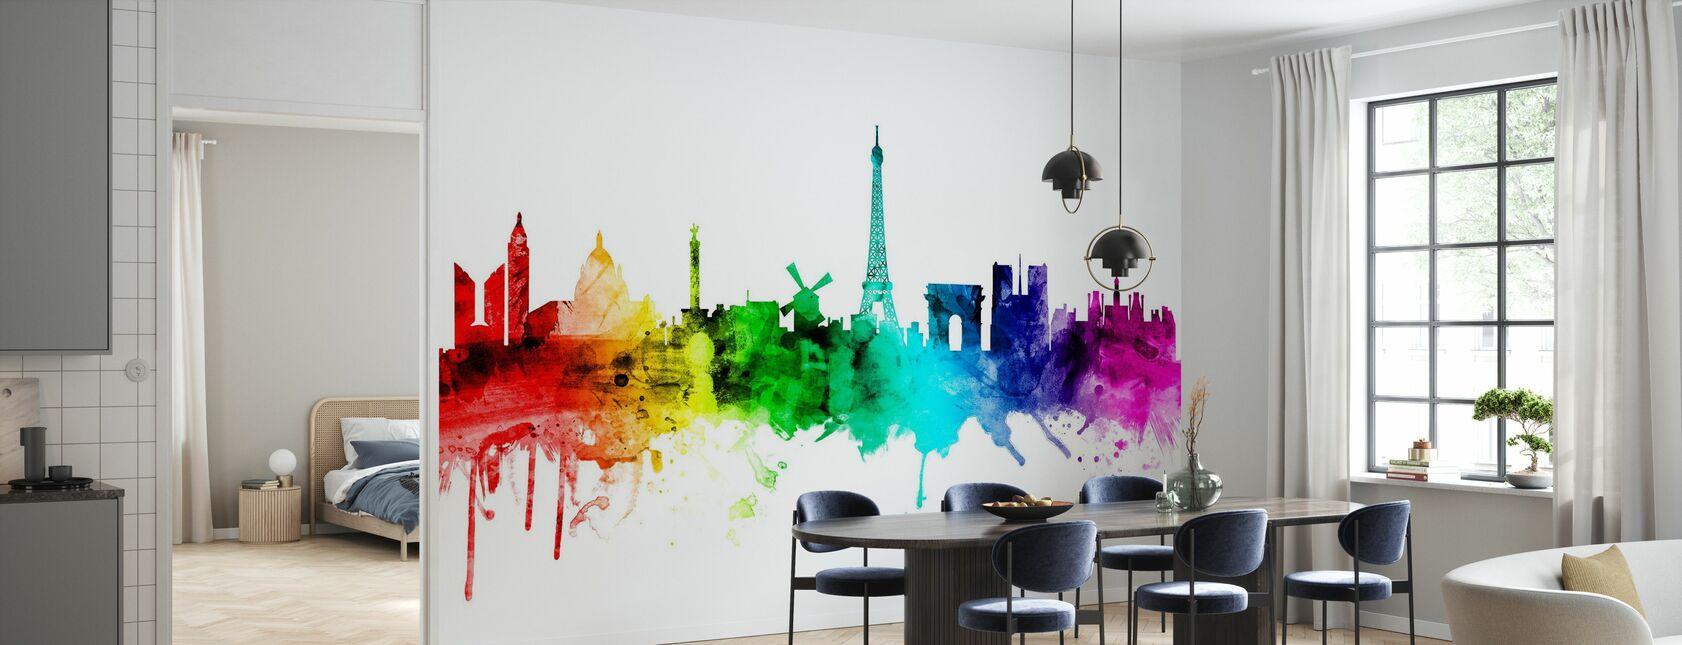 Paris Skyline Rainbow - Wallpaper - Kitchen